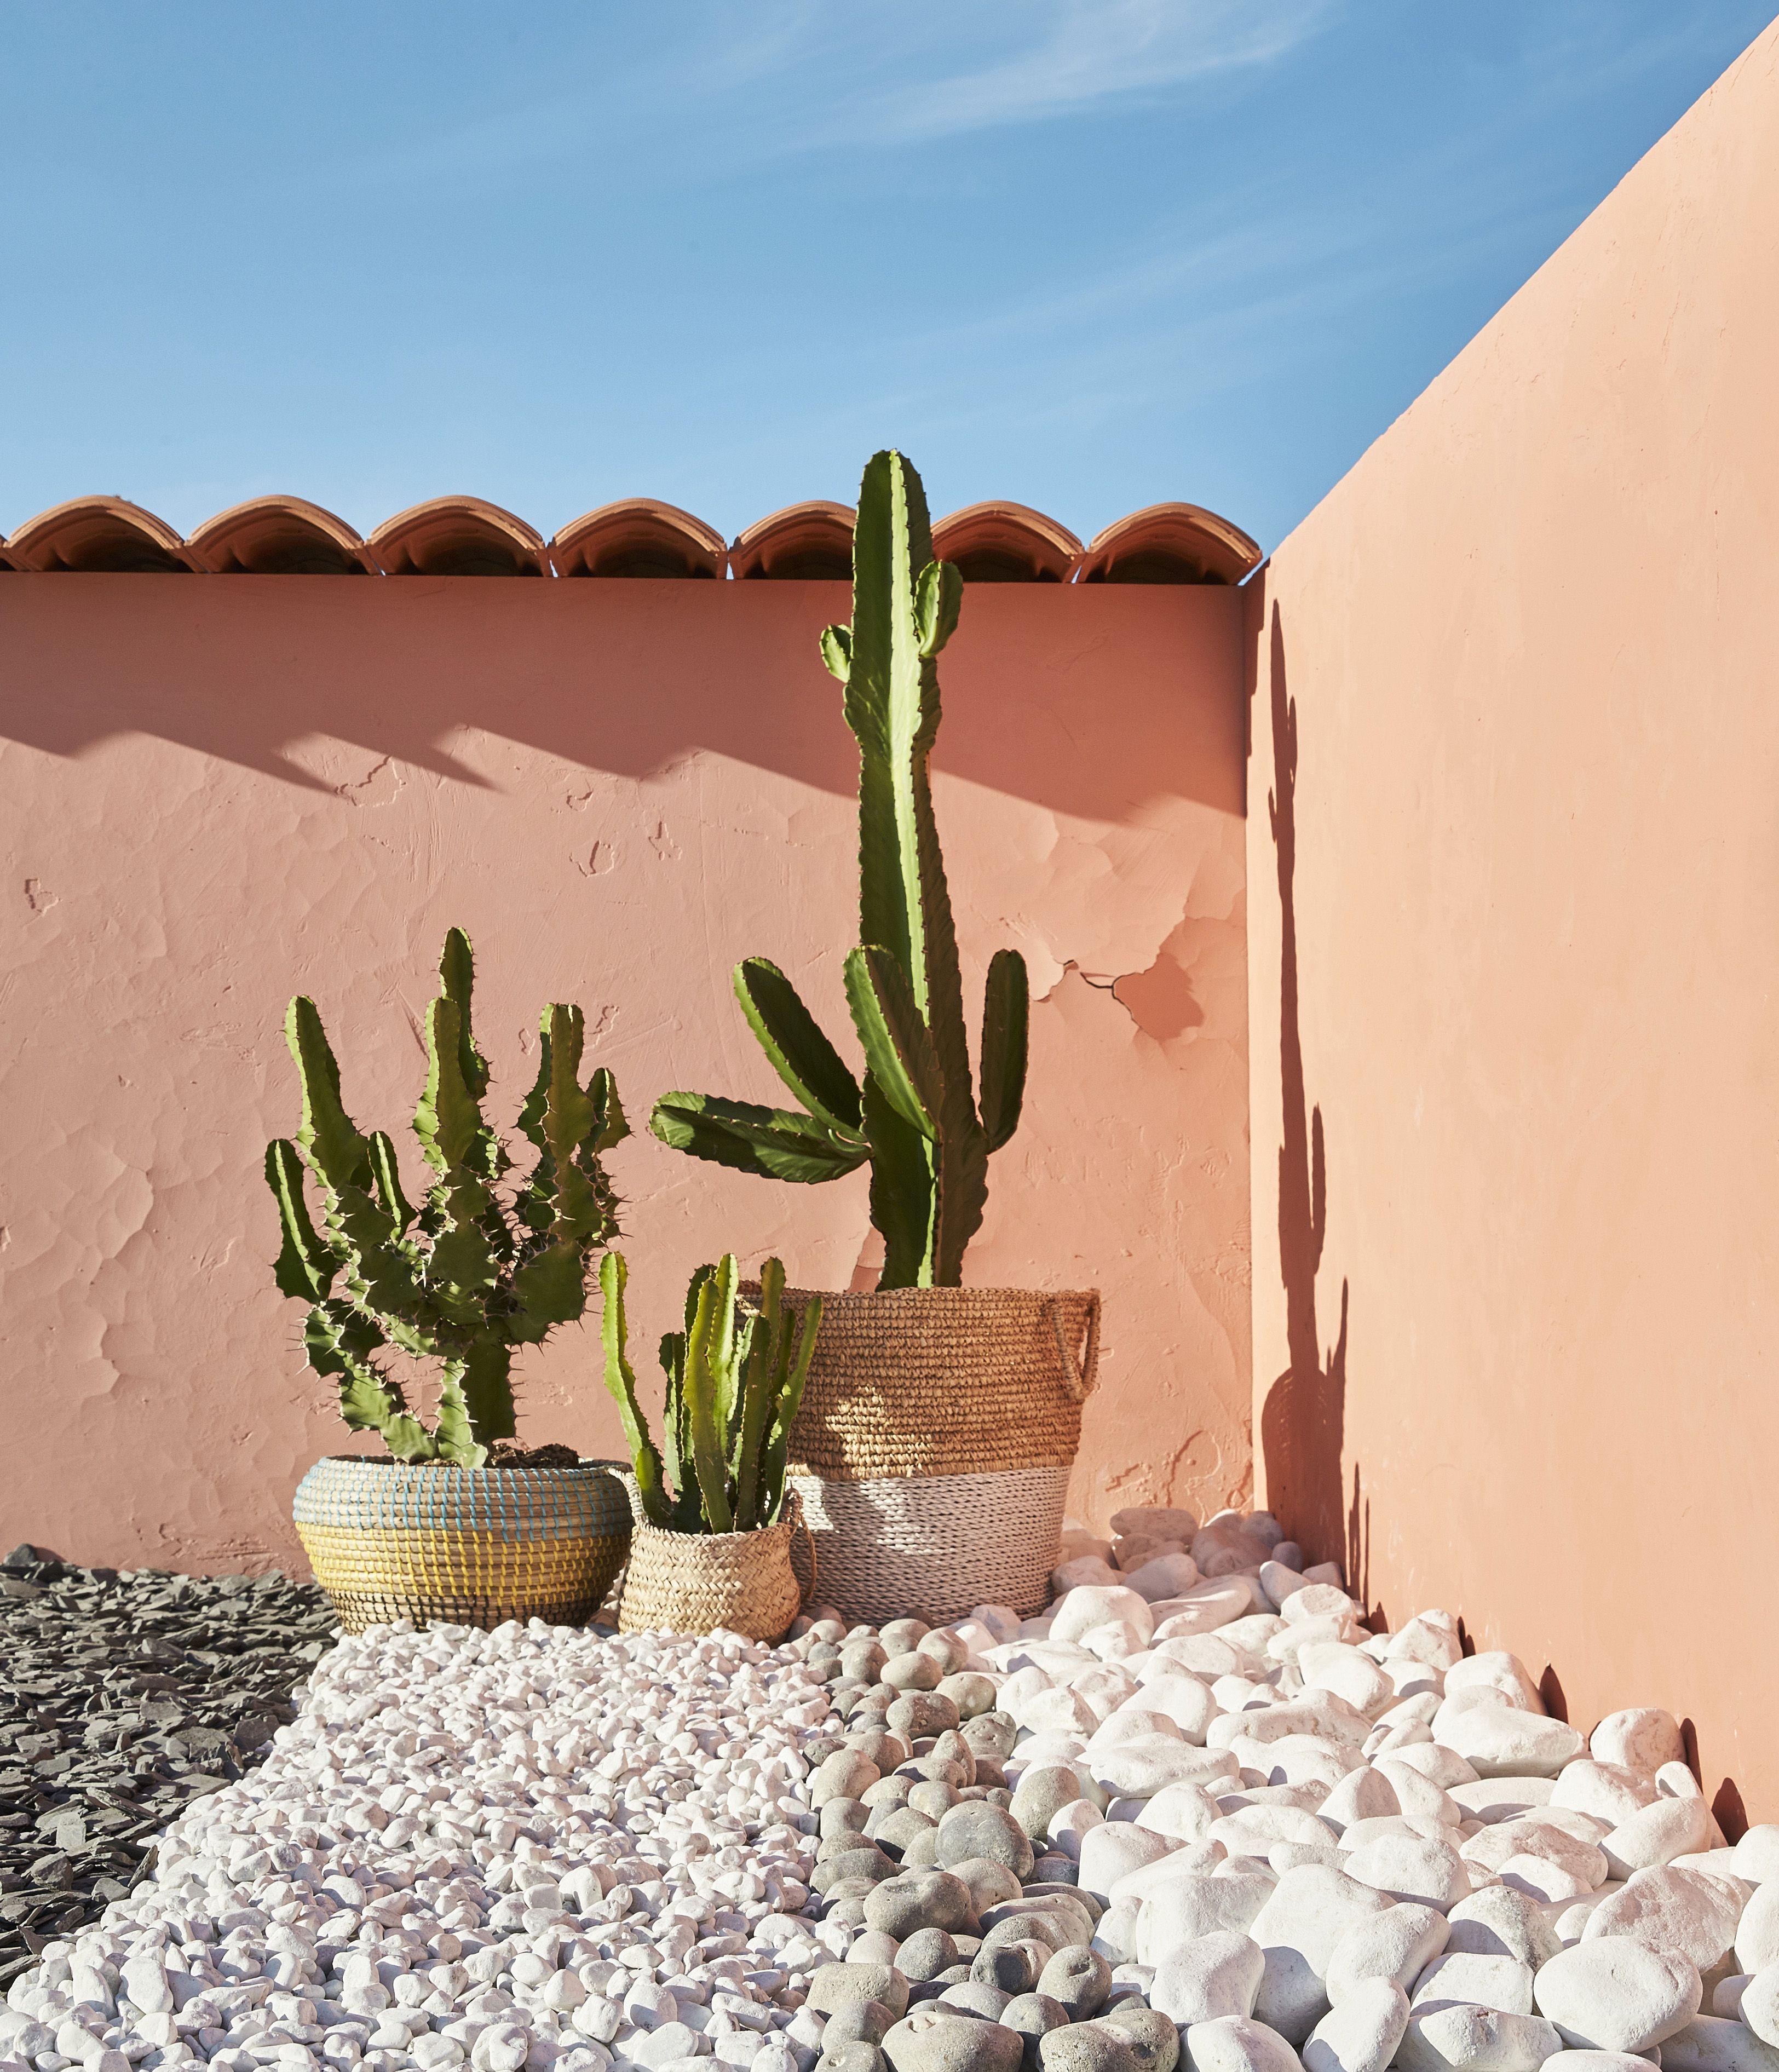 De La Terrasse Au Jardin Graviers Et Galets Apportent Du Style A Vos Exterieurs Tout En Delimitant Les Espaces Ler Jardins Decoration Jardin Terrasse Jardin